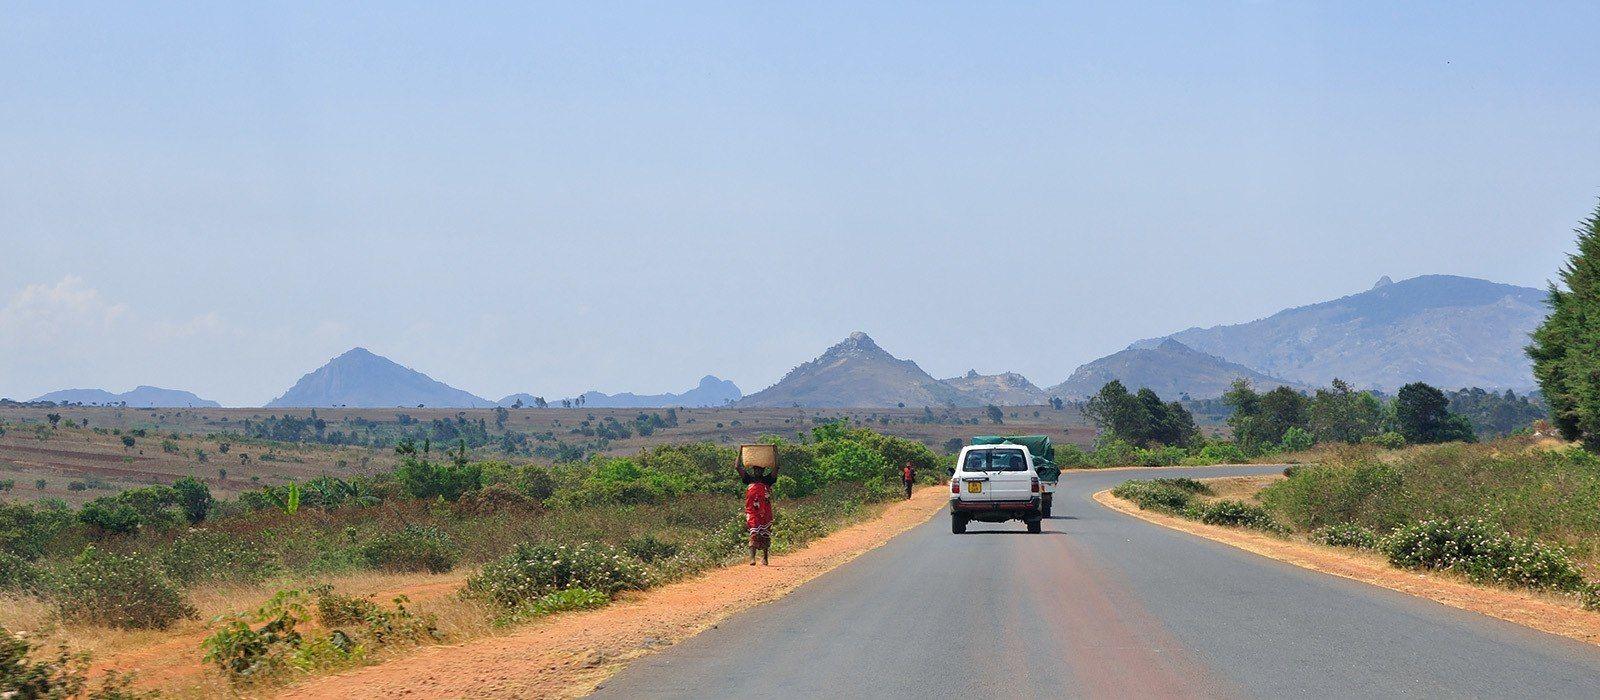 Destination Lilongwe Malawi